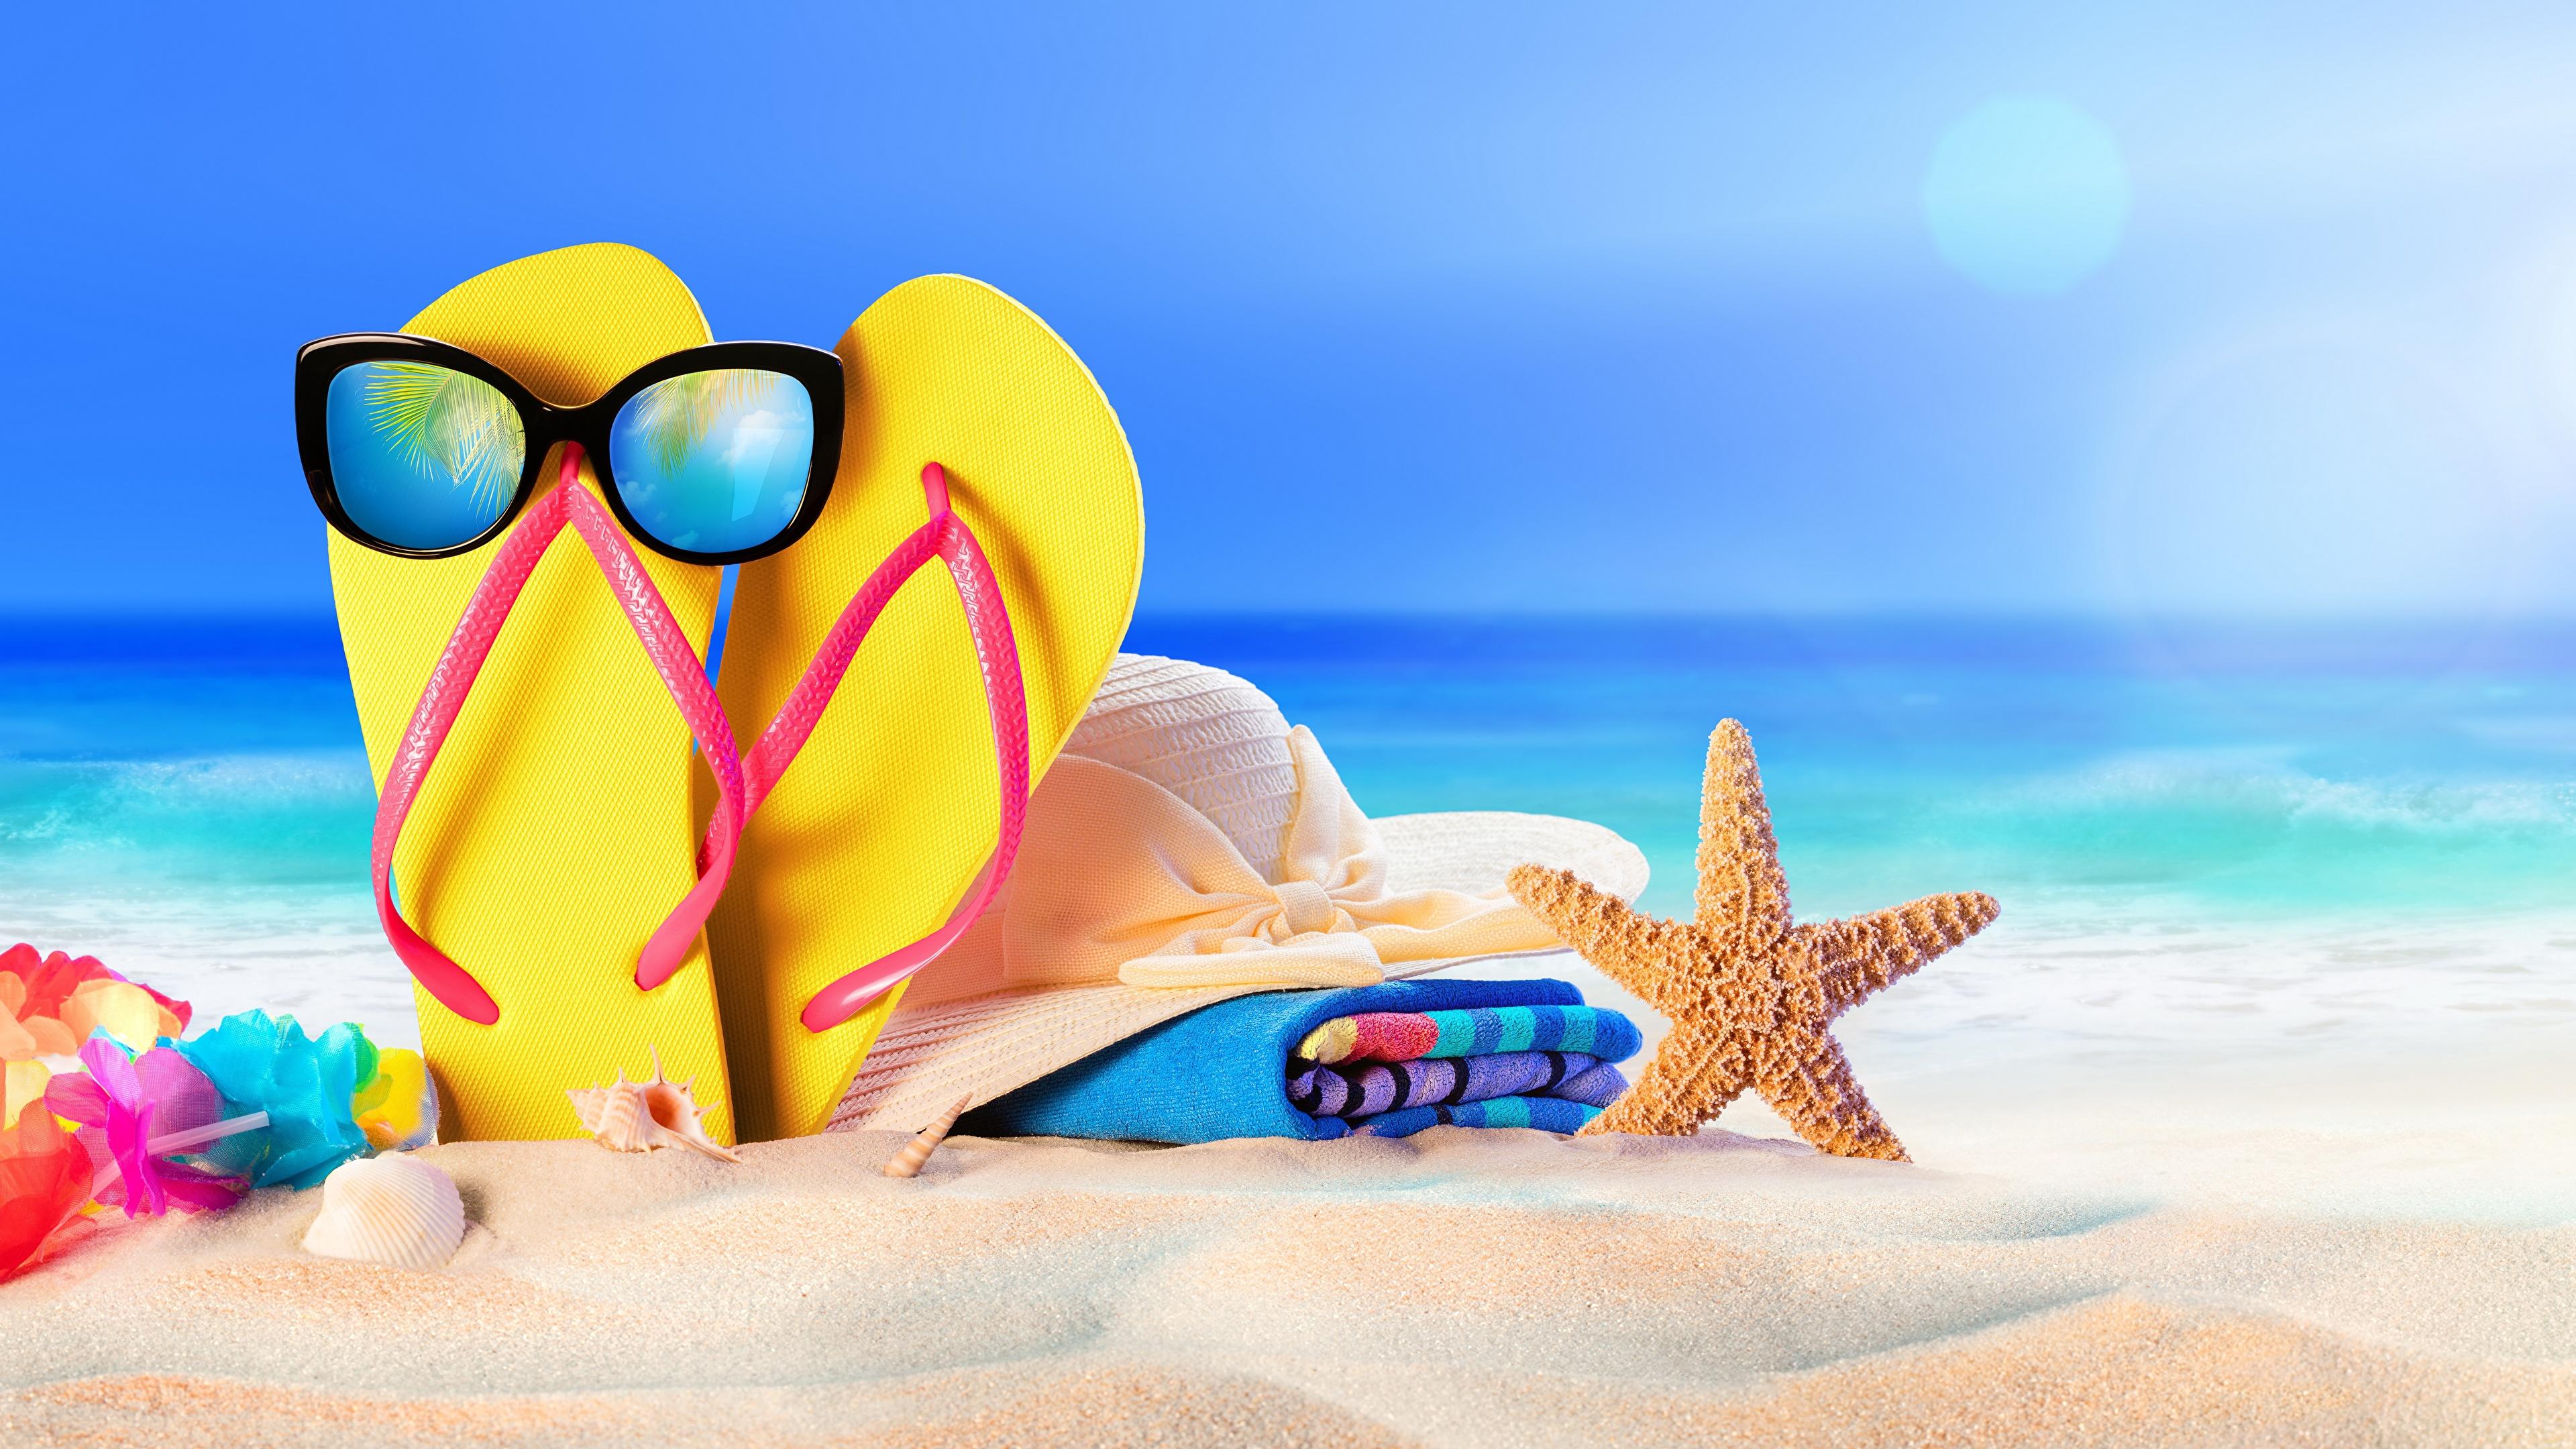 ракушка очки море shell glasses sea онлайн